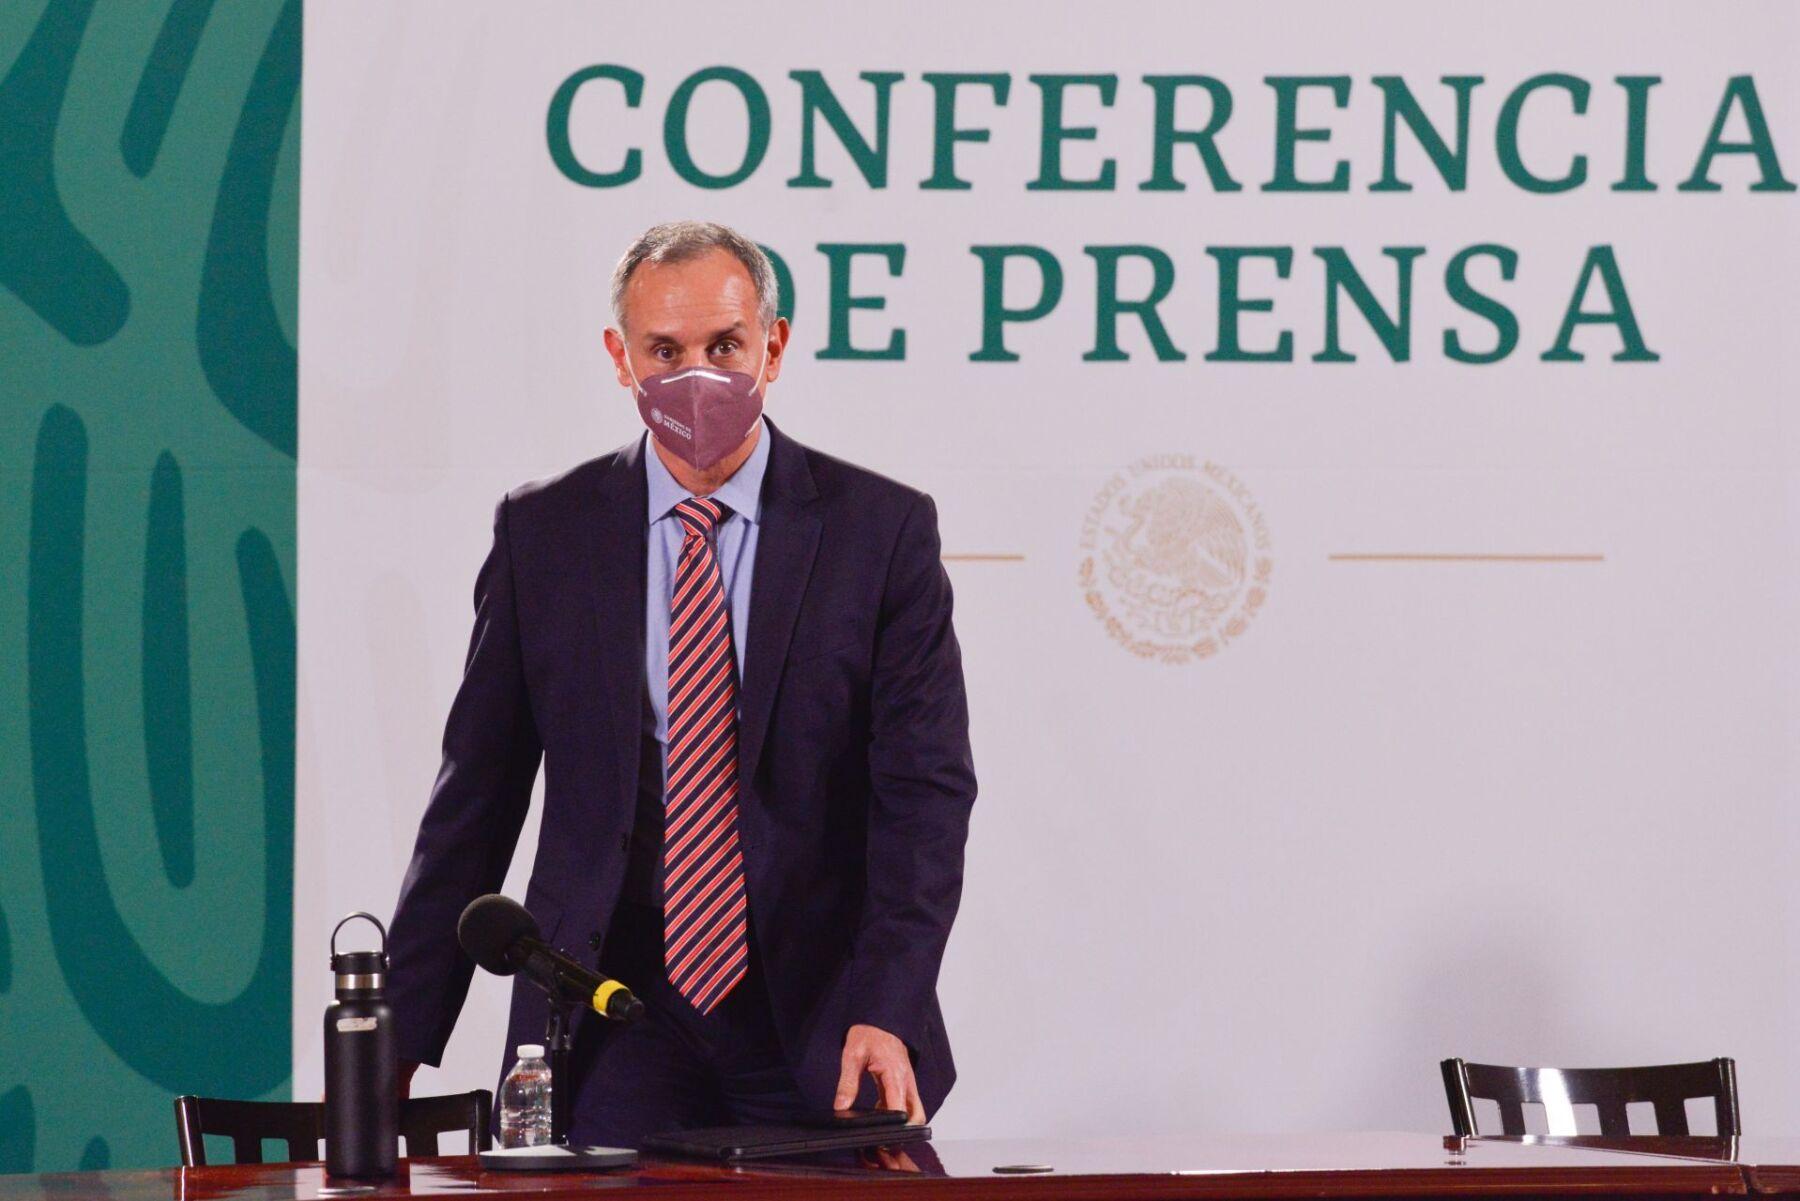 """López-Gatell: """"Estamos declarando el fin de las conferencias, no de la epidemia"""""""